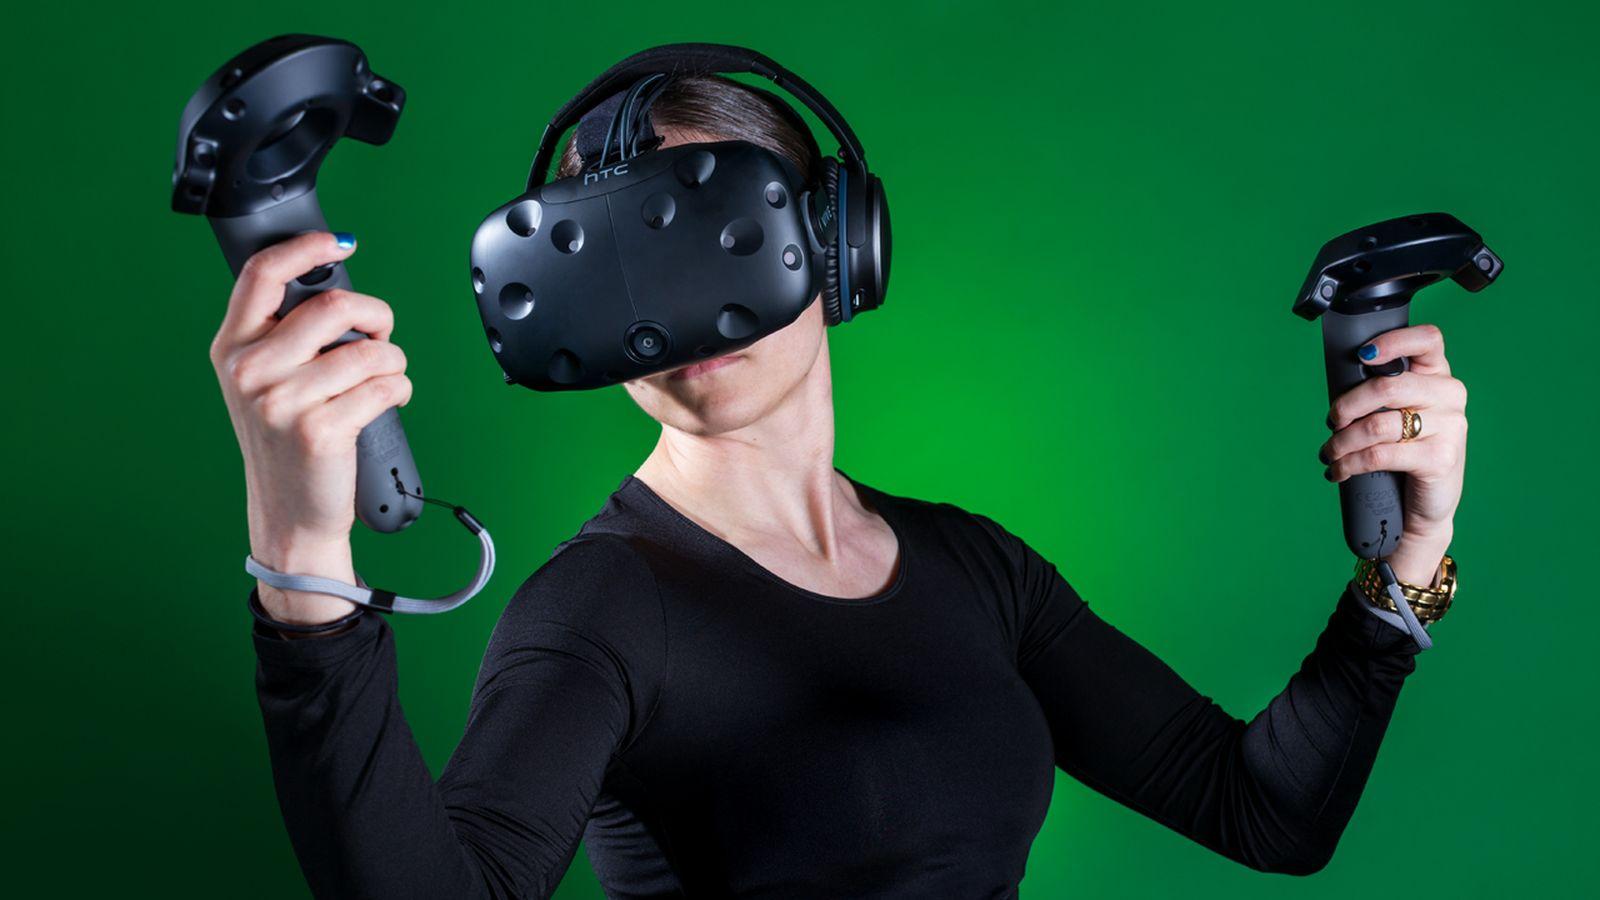 terapia z zastosowaniem VR (wirtualnej rzeczywistości)